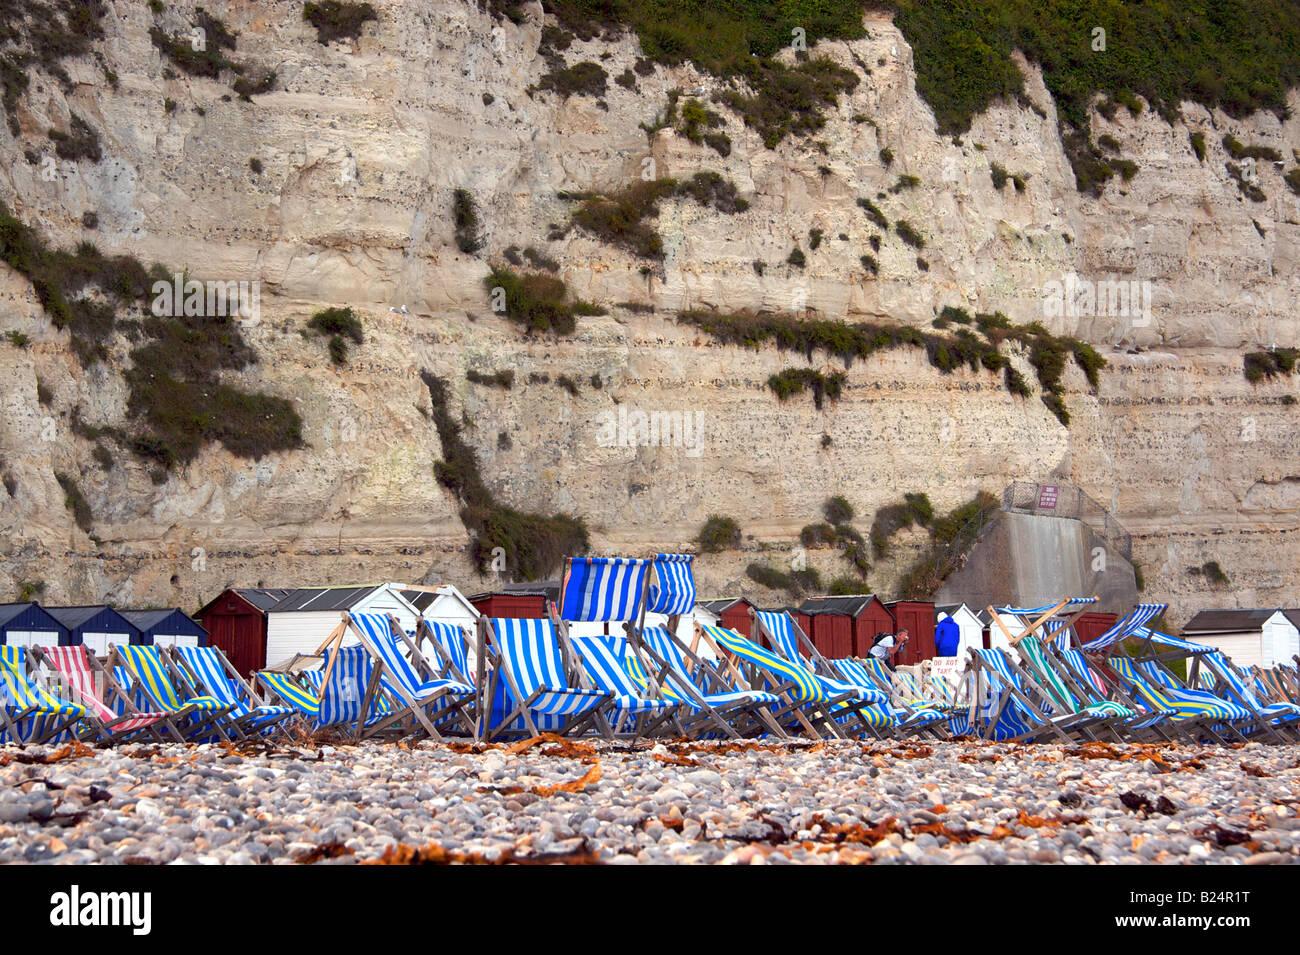 Hamacas en la playa Imagen De Stock